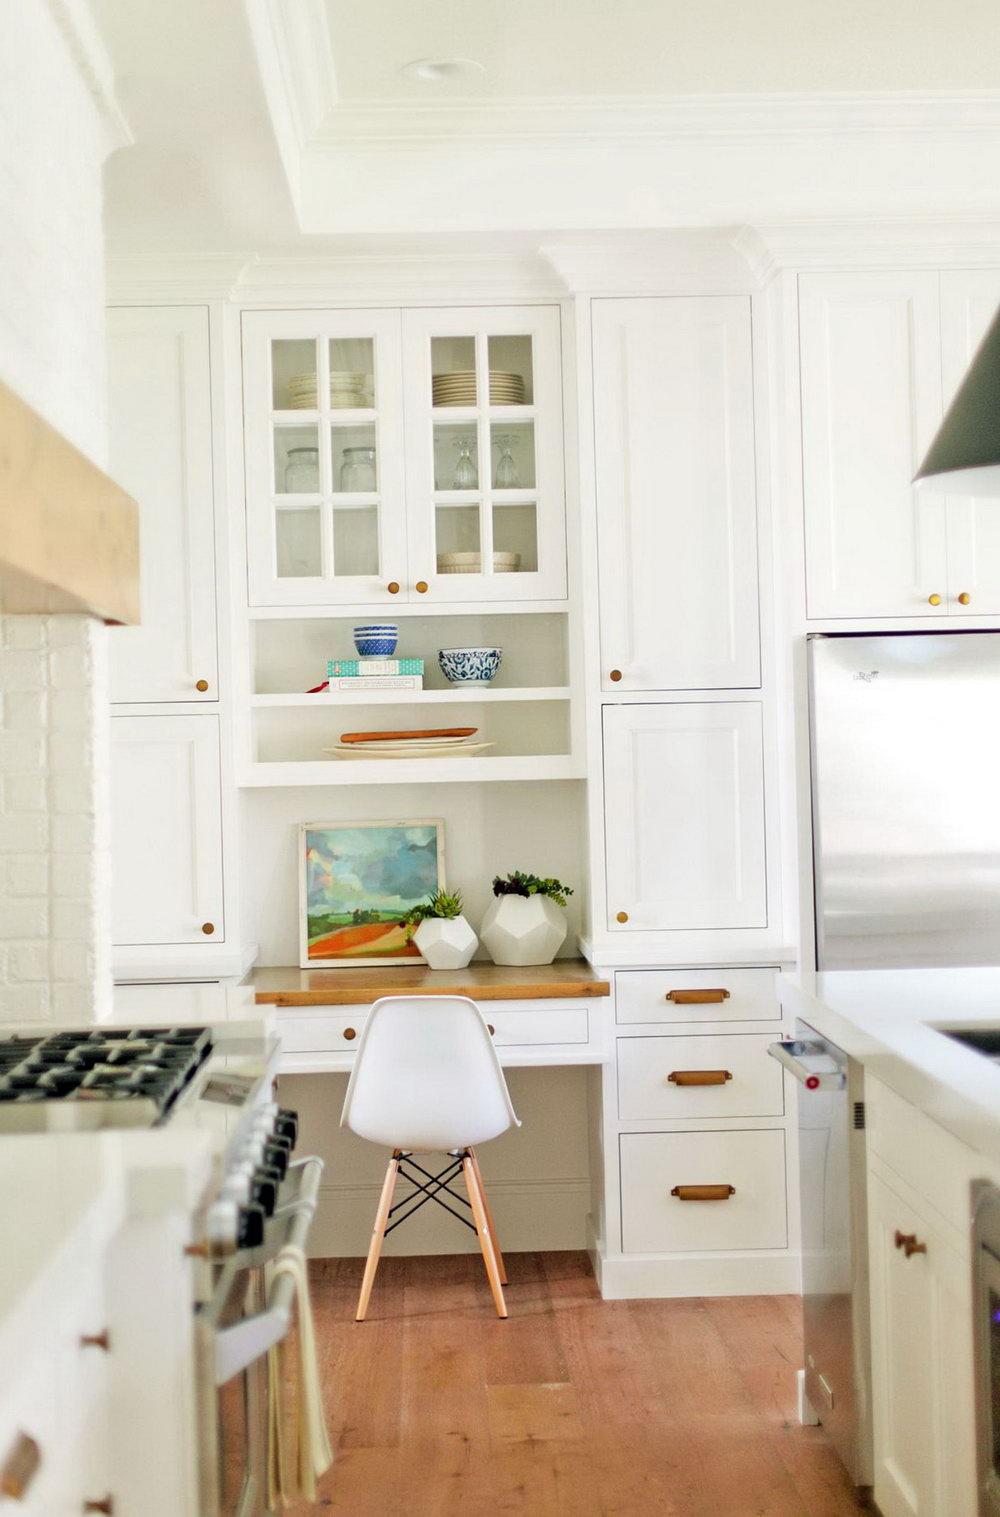 Kitchen Cabinets Desk Workspace